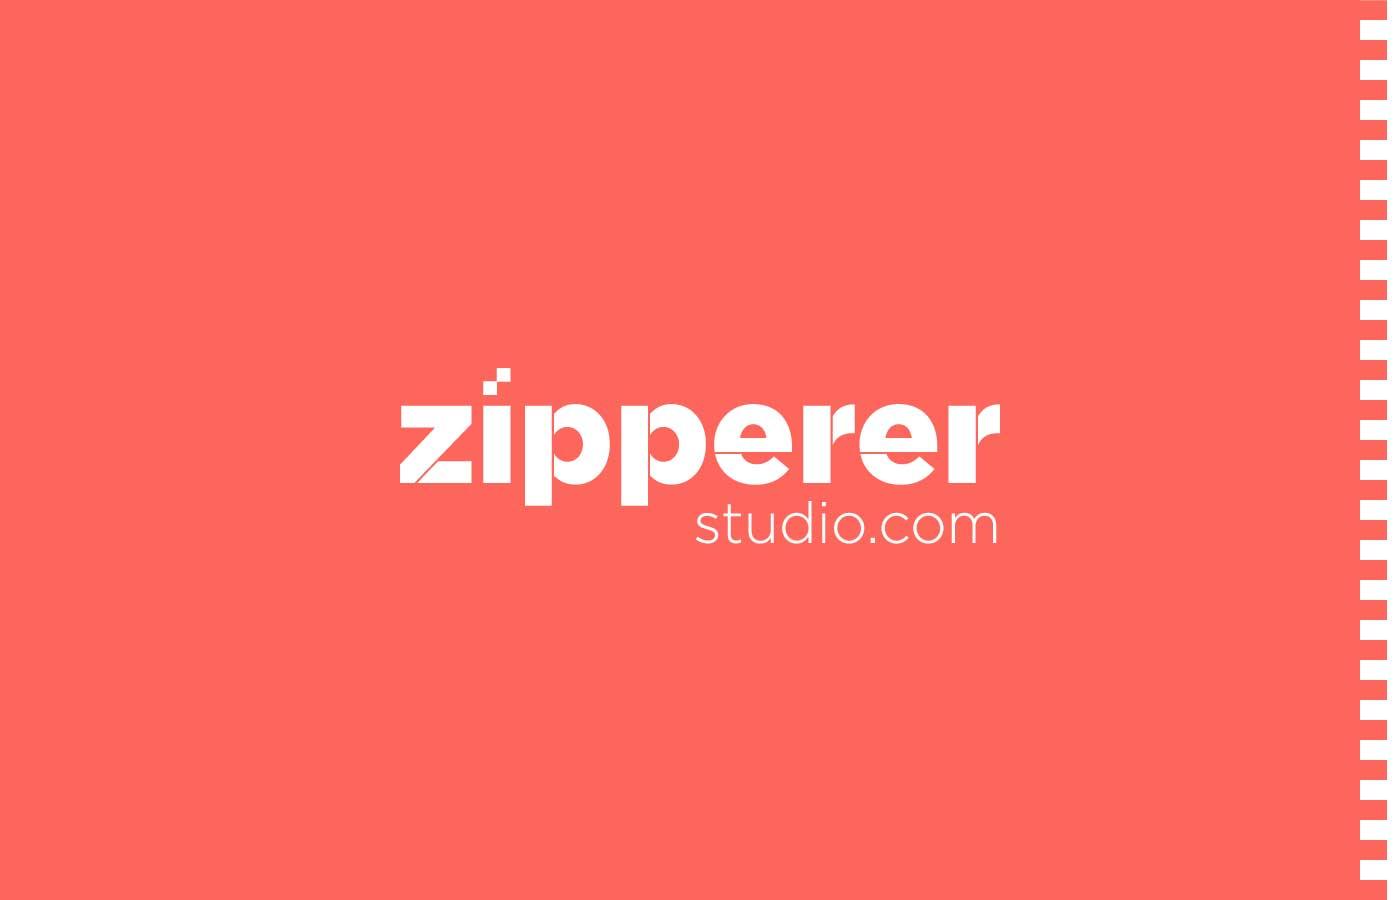 Zipperer44.jpg